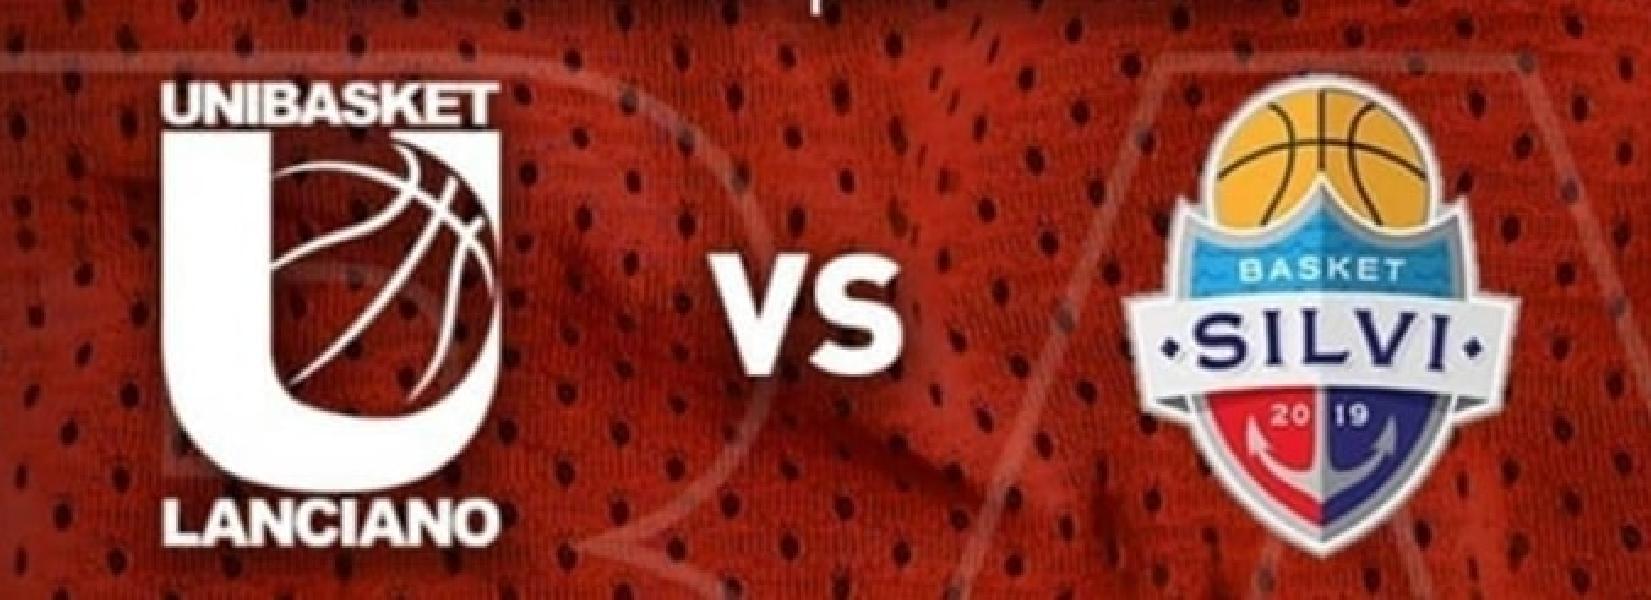 https://www.basketmarche.it/immagini_articoli/16-09-2019/unibasket-lanciano-annullato-scrimmage-gioved-basket-silvi-600.jpg